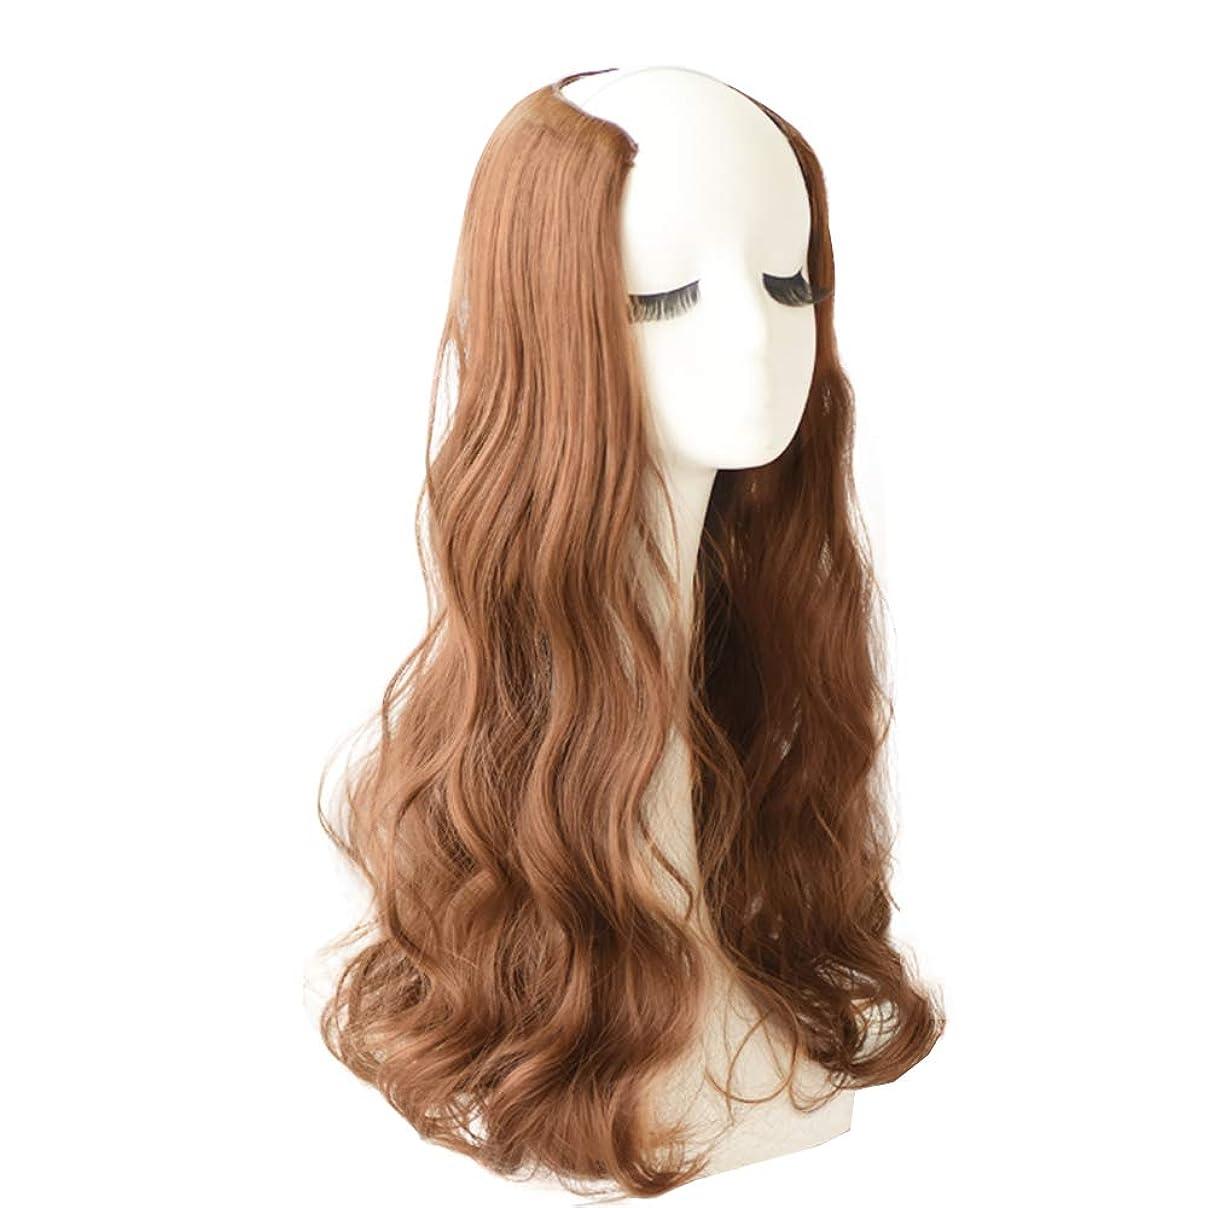 正確に一握り挑むフルヘッドカーリーウェーブインエクステンションヘアピース女性用新Vタイプヘアエクステンション小さいサイズと、頭皮の通気性が強い